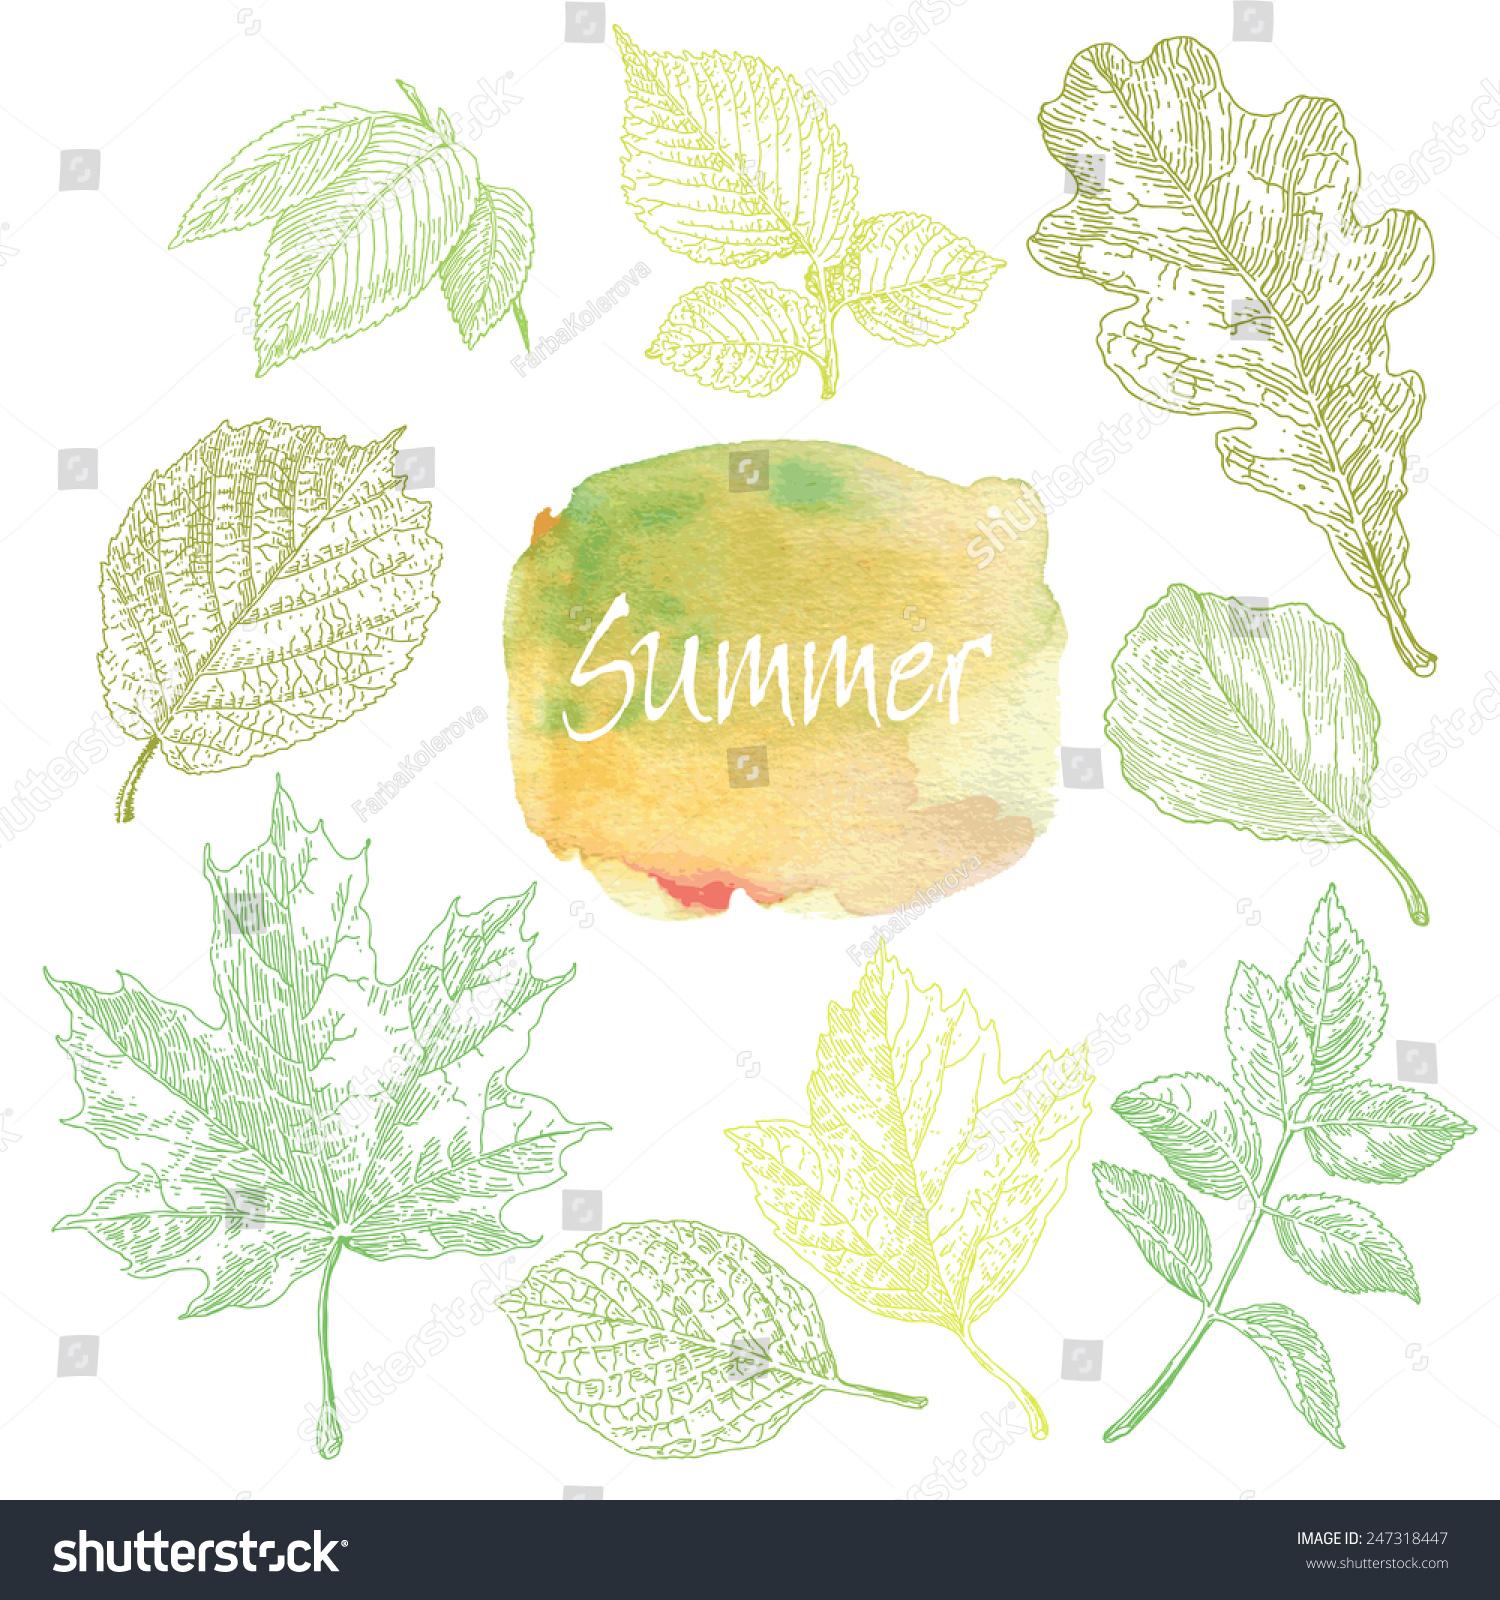 收集的非常详细的手绘叶子孤立在白色背景.水彩污点.夏天的背景.